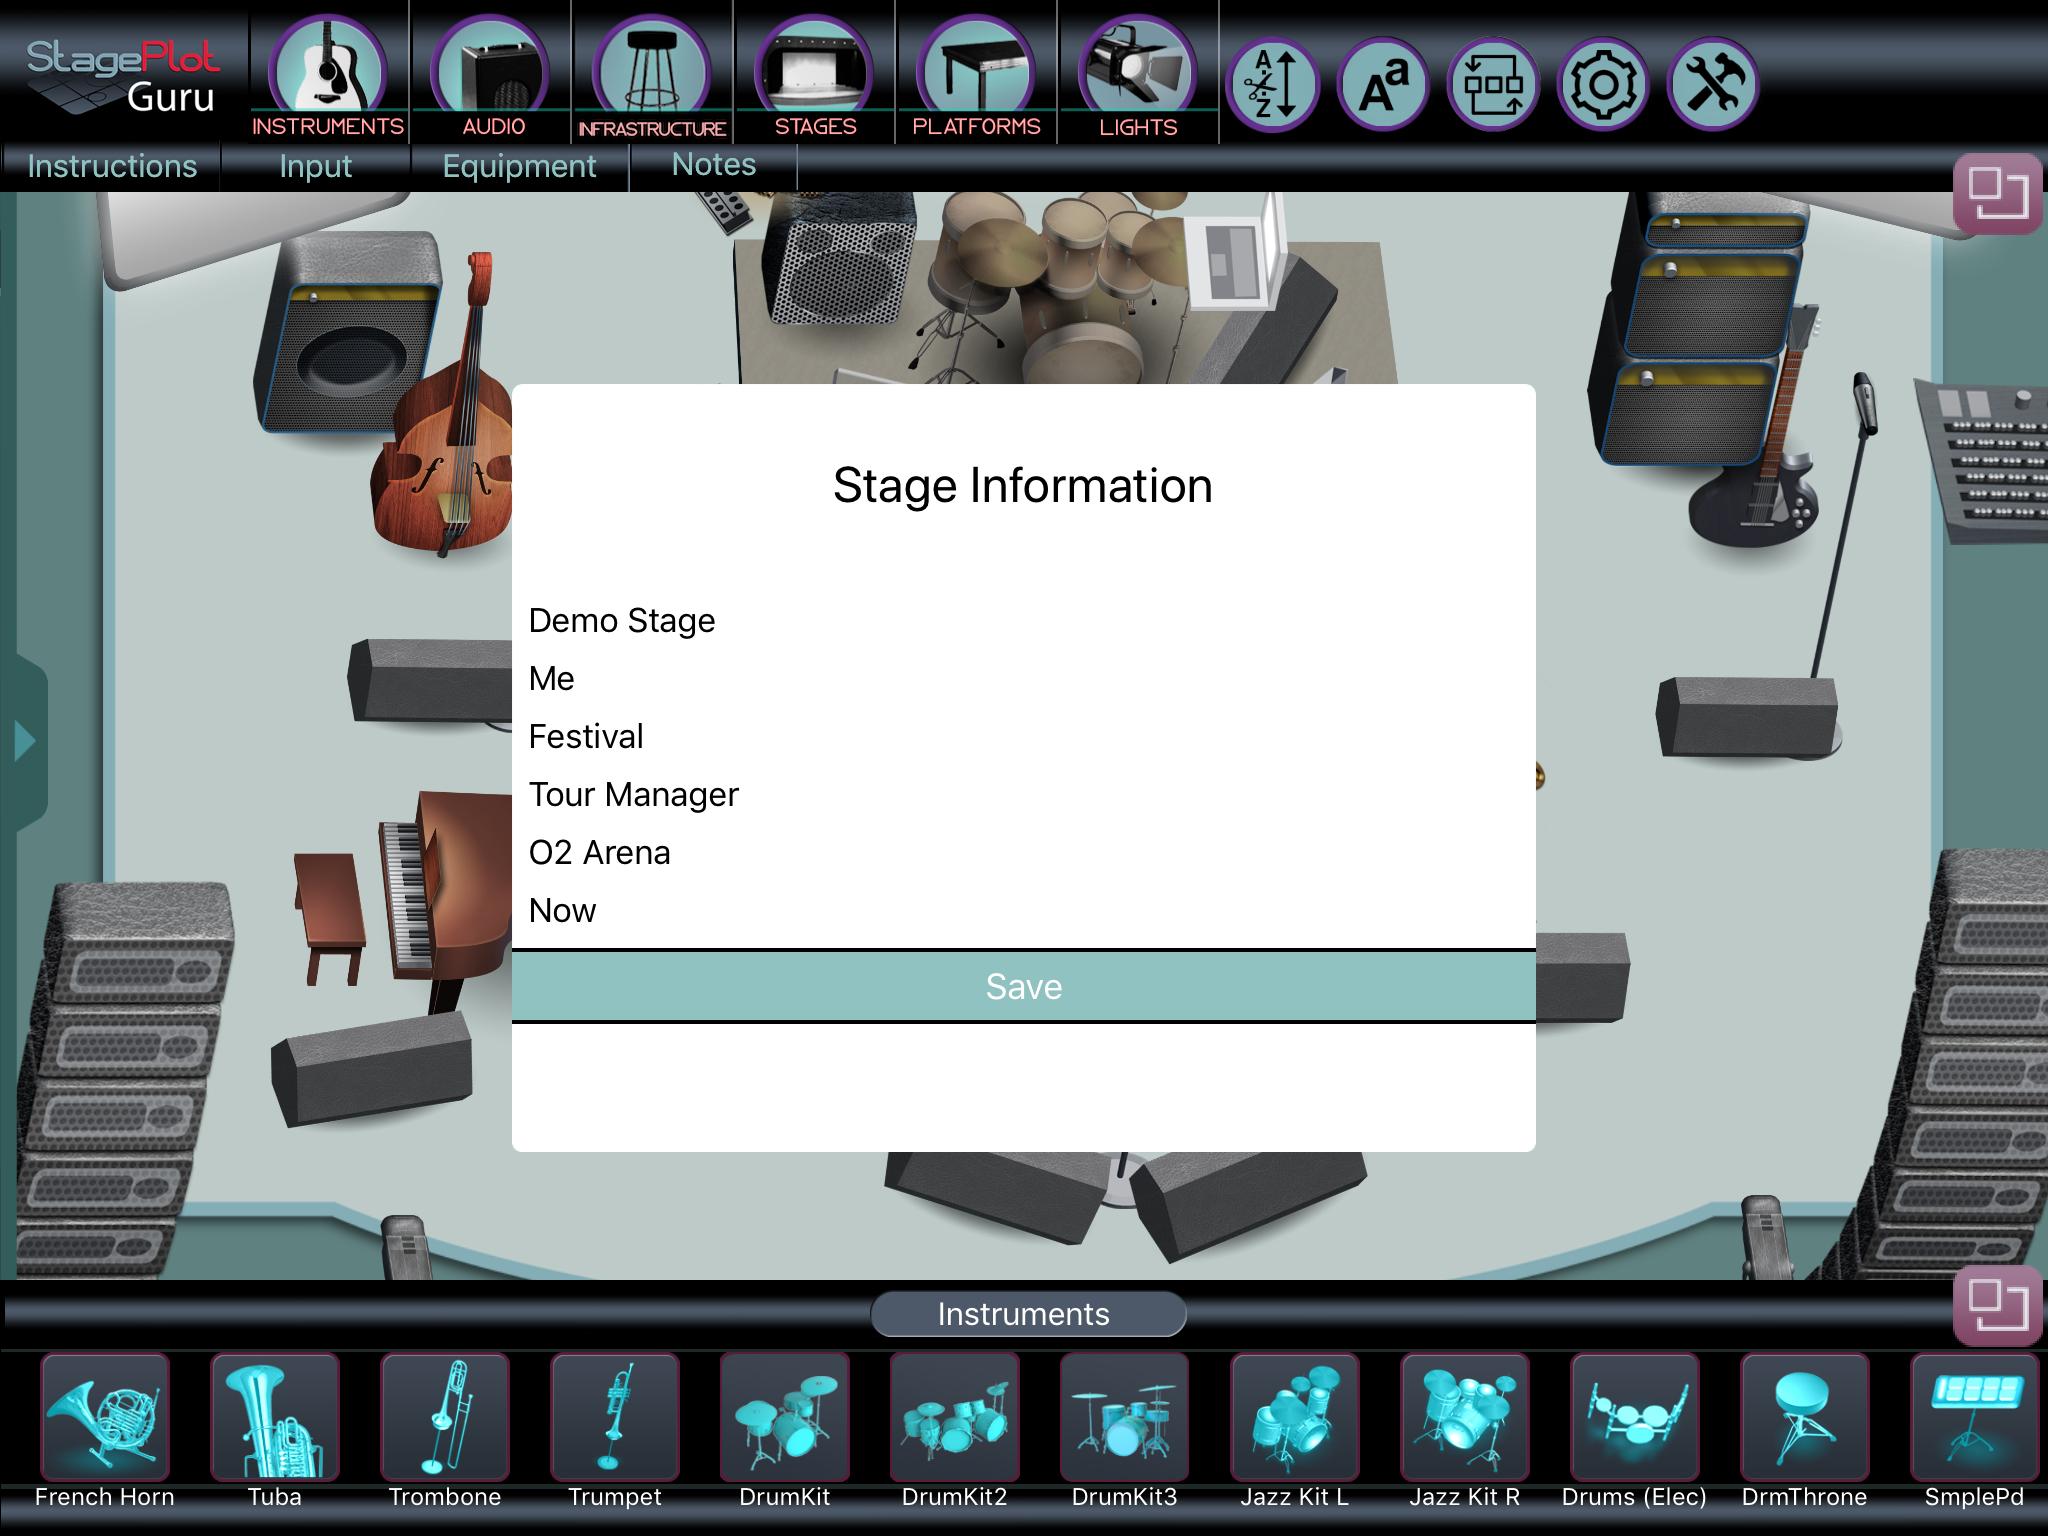 Enter Stage Information